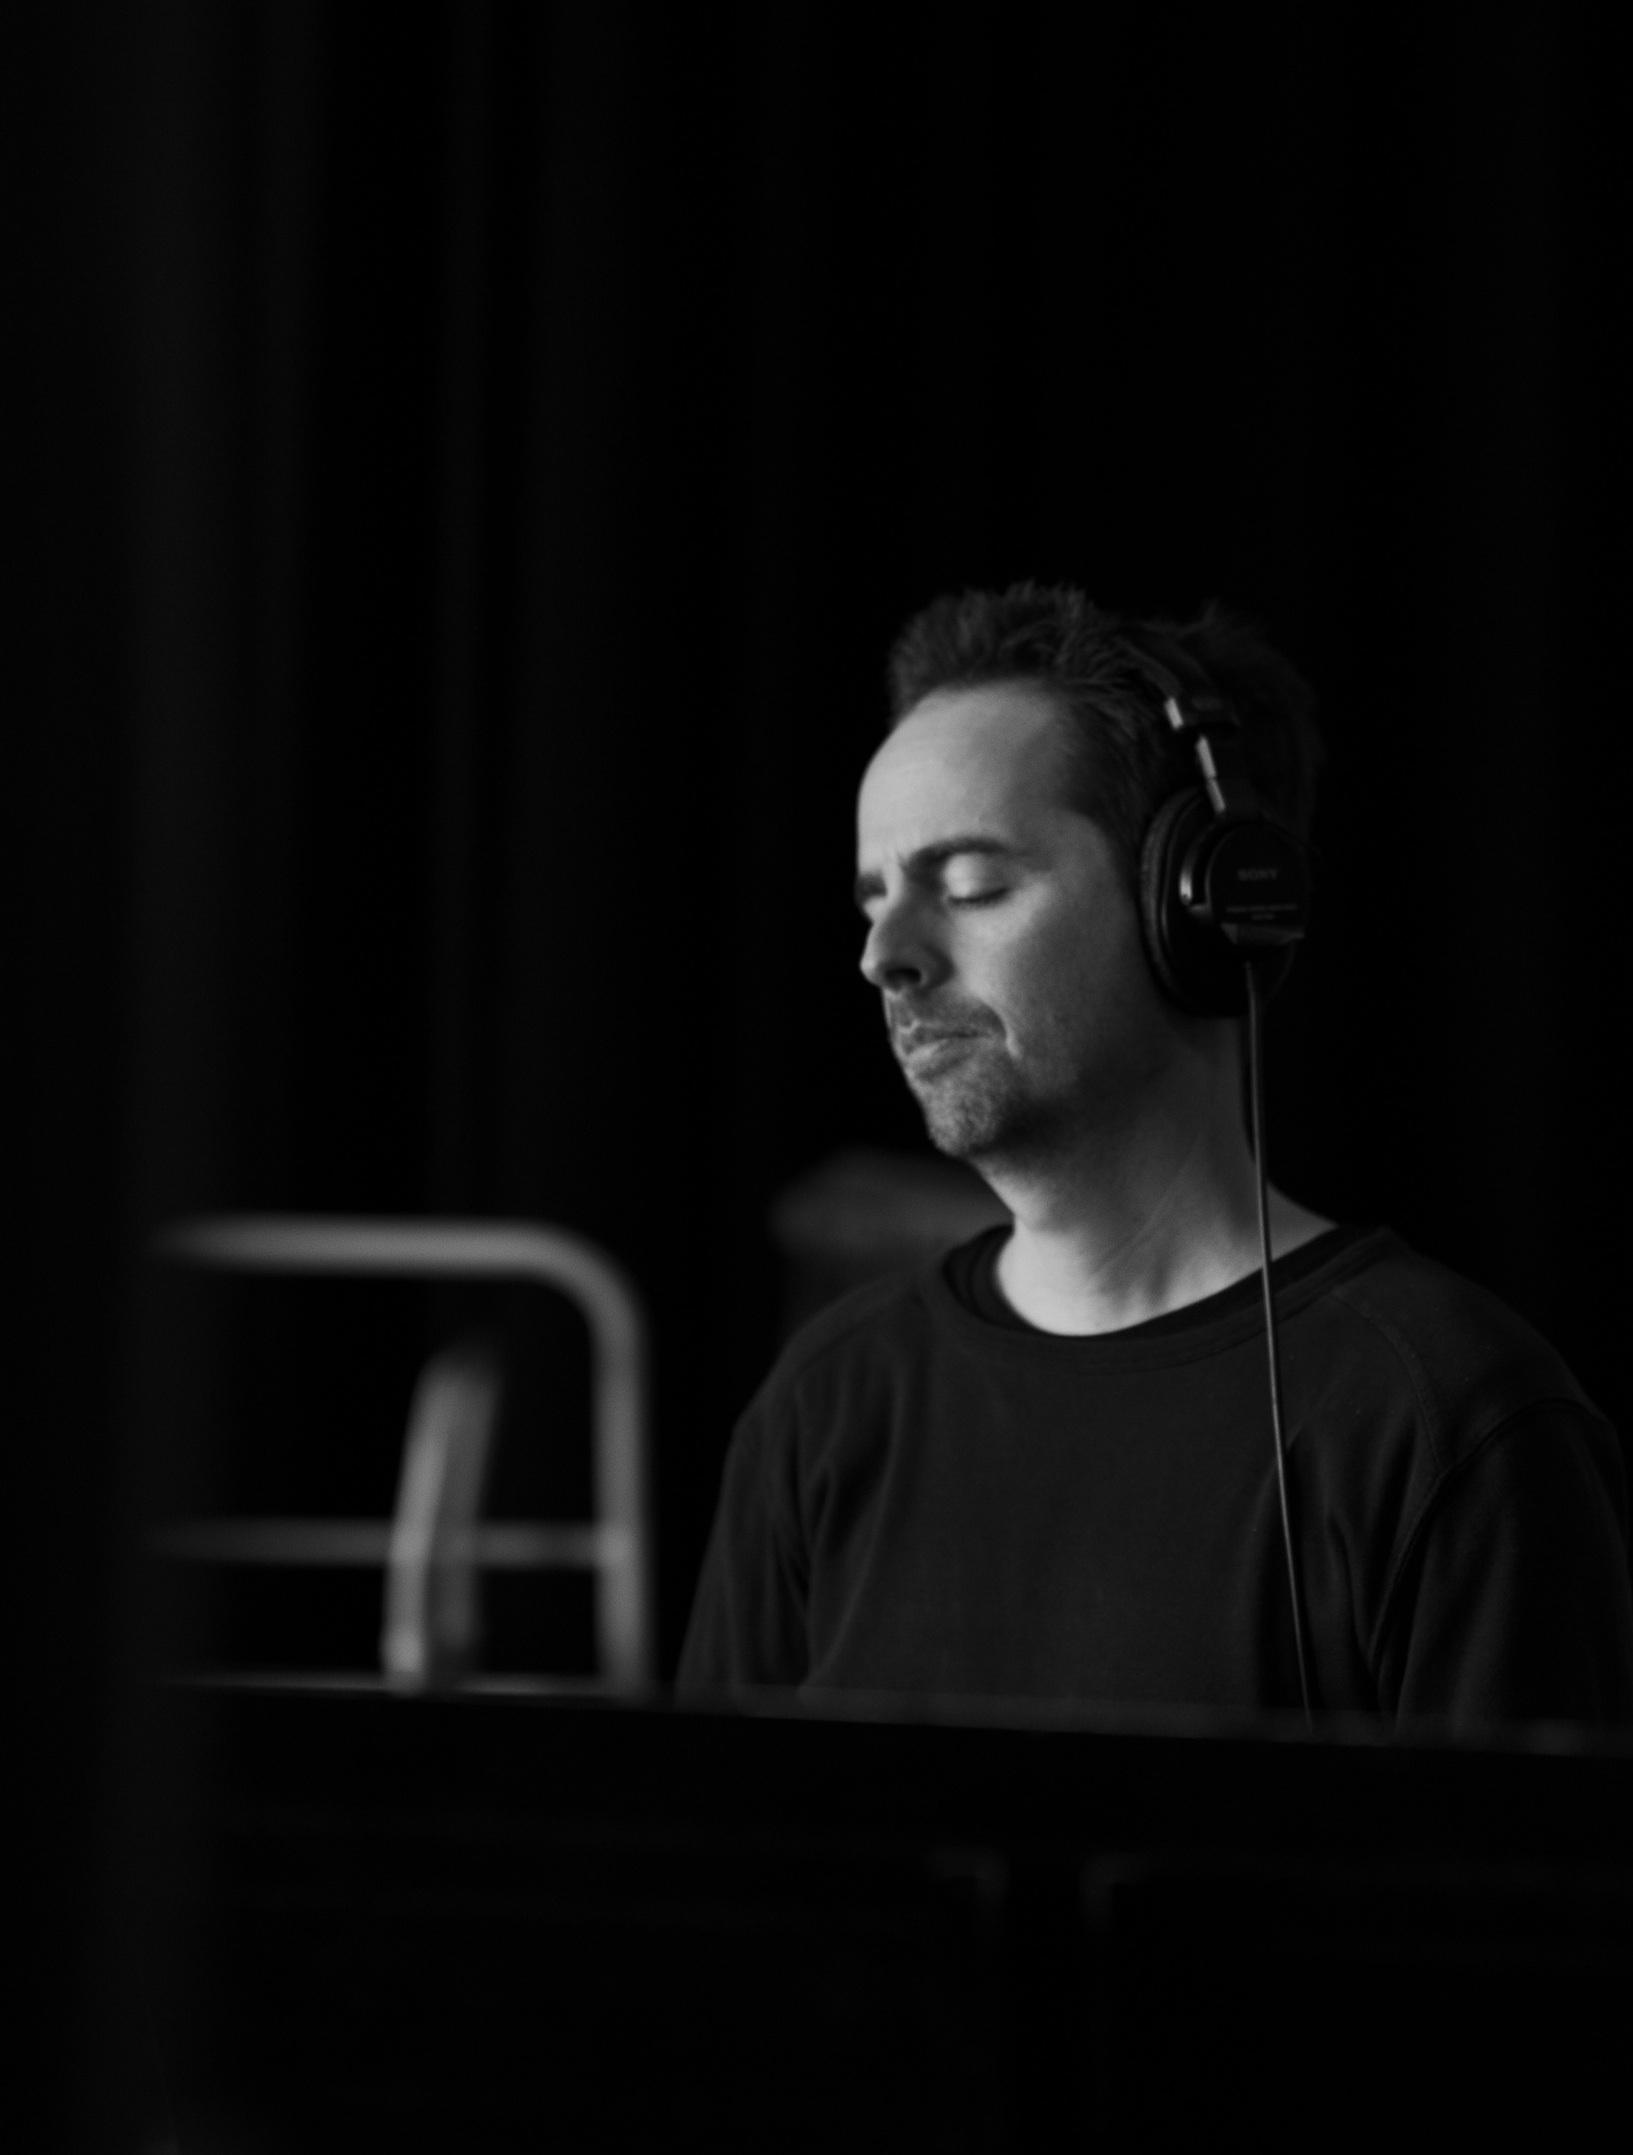 John-Parker-recording-session-small.jpeg